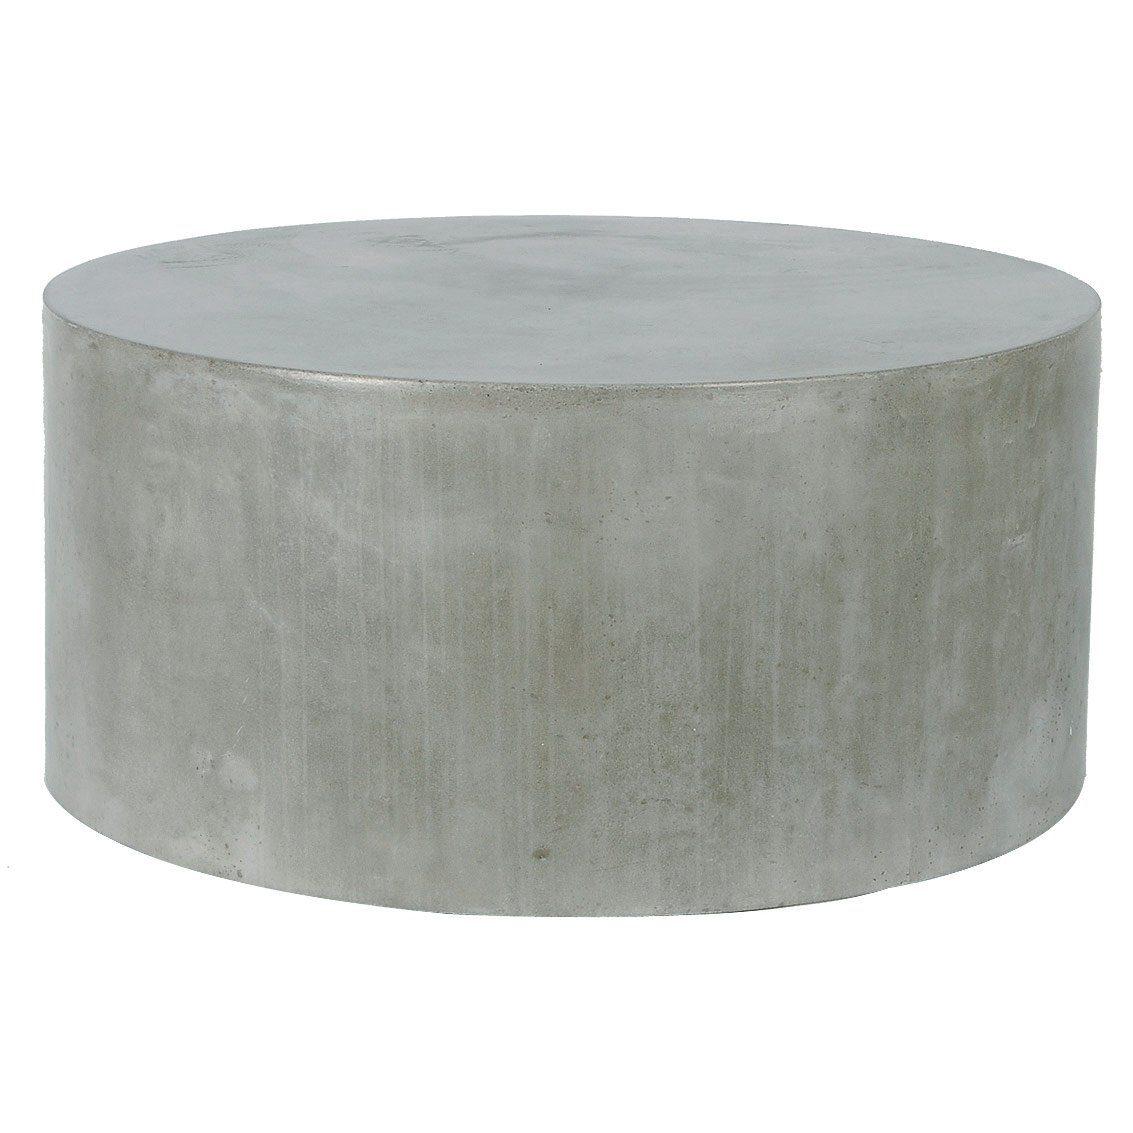 Delano soffbord Ø 58 cm i betong från Indoor Outdoor.